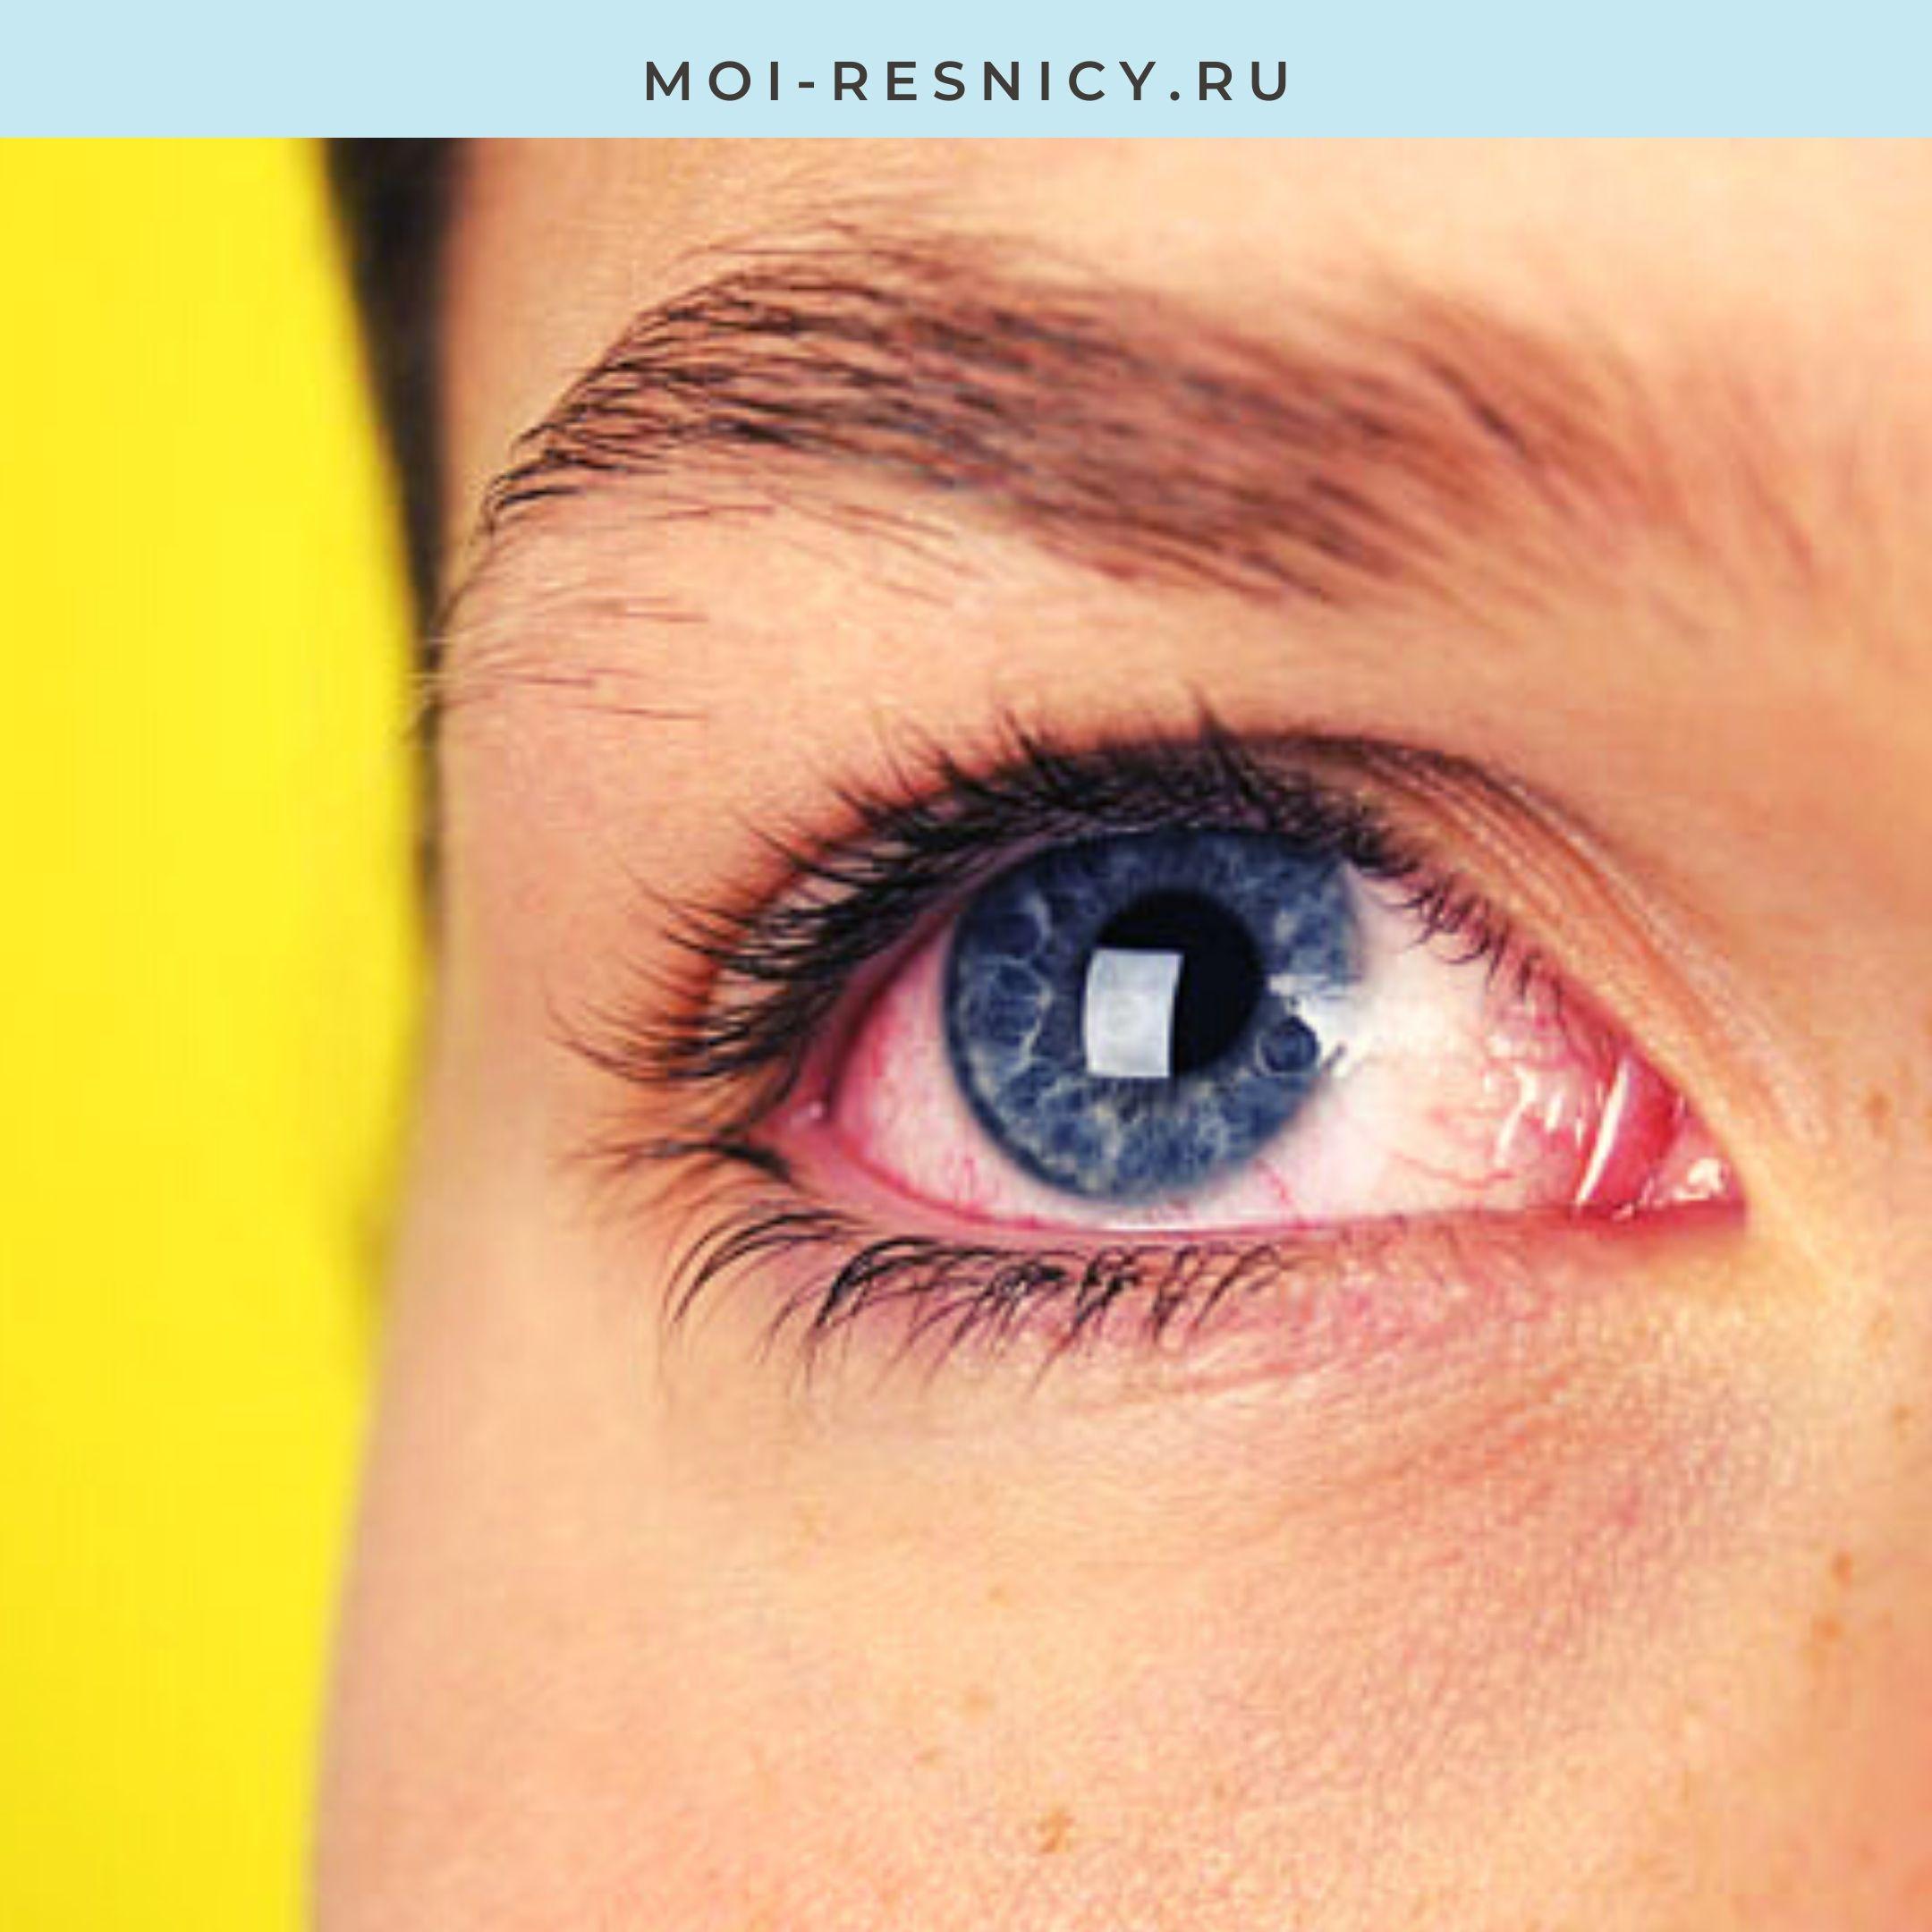 особенности лечения ожога глаза после наращивания